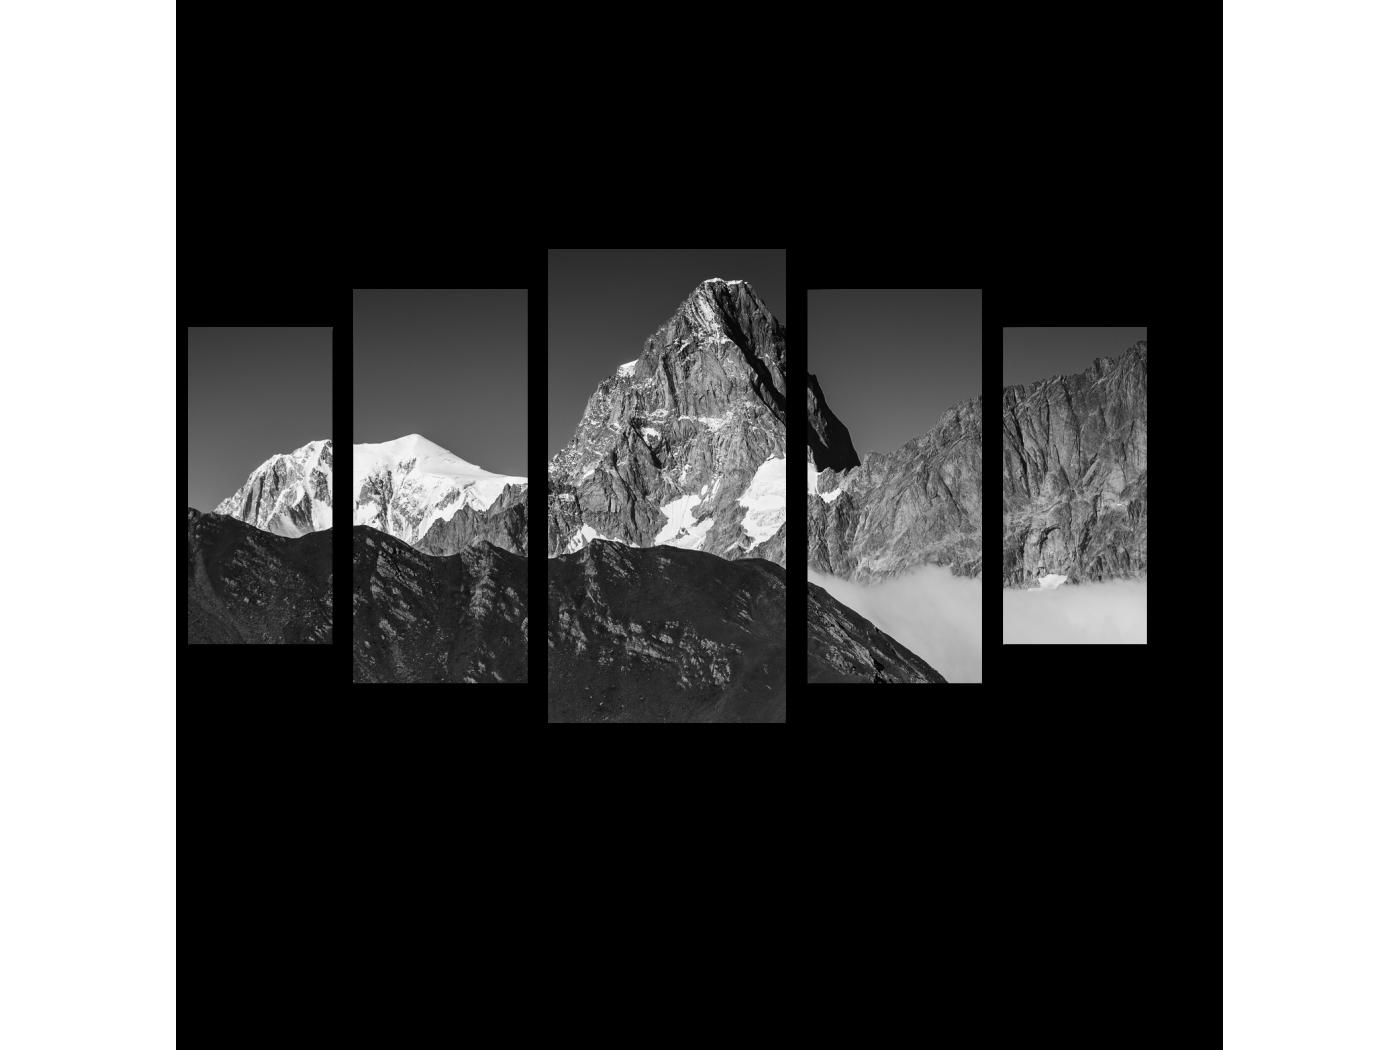 Модульная картина Величественные горы (100x55) фото